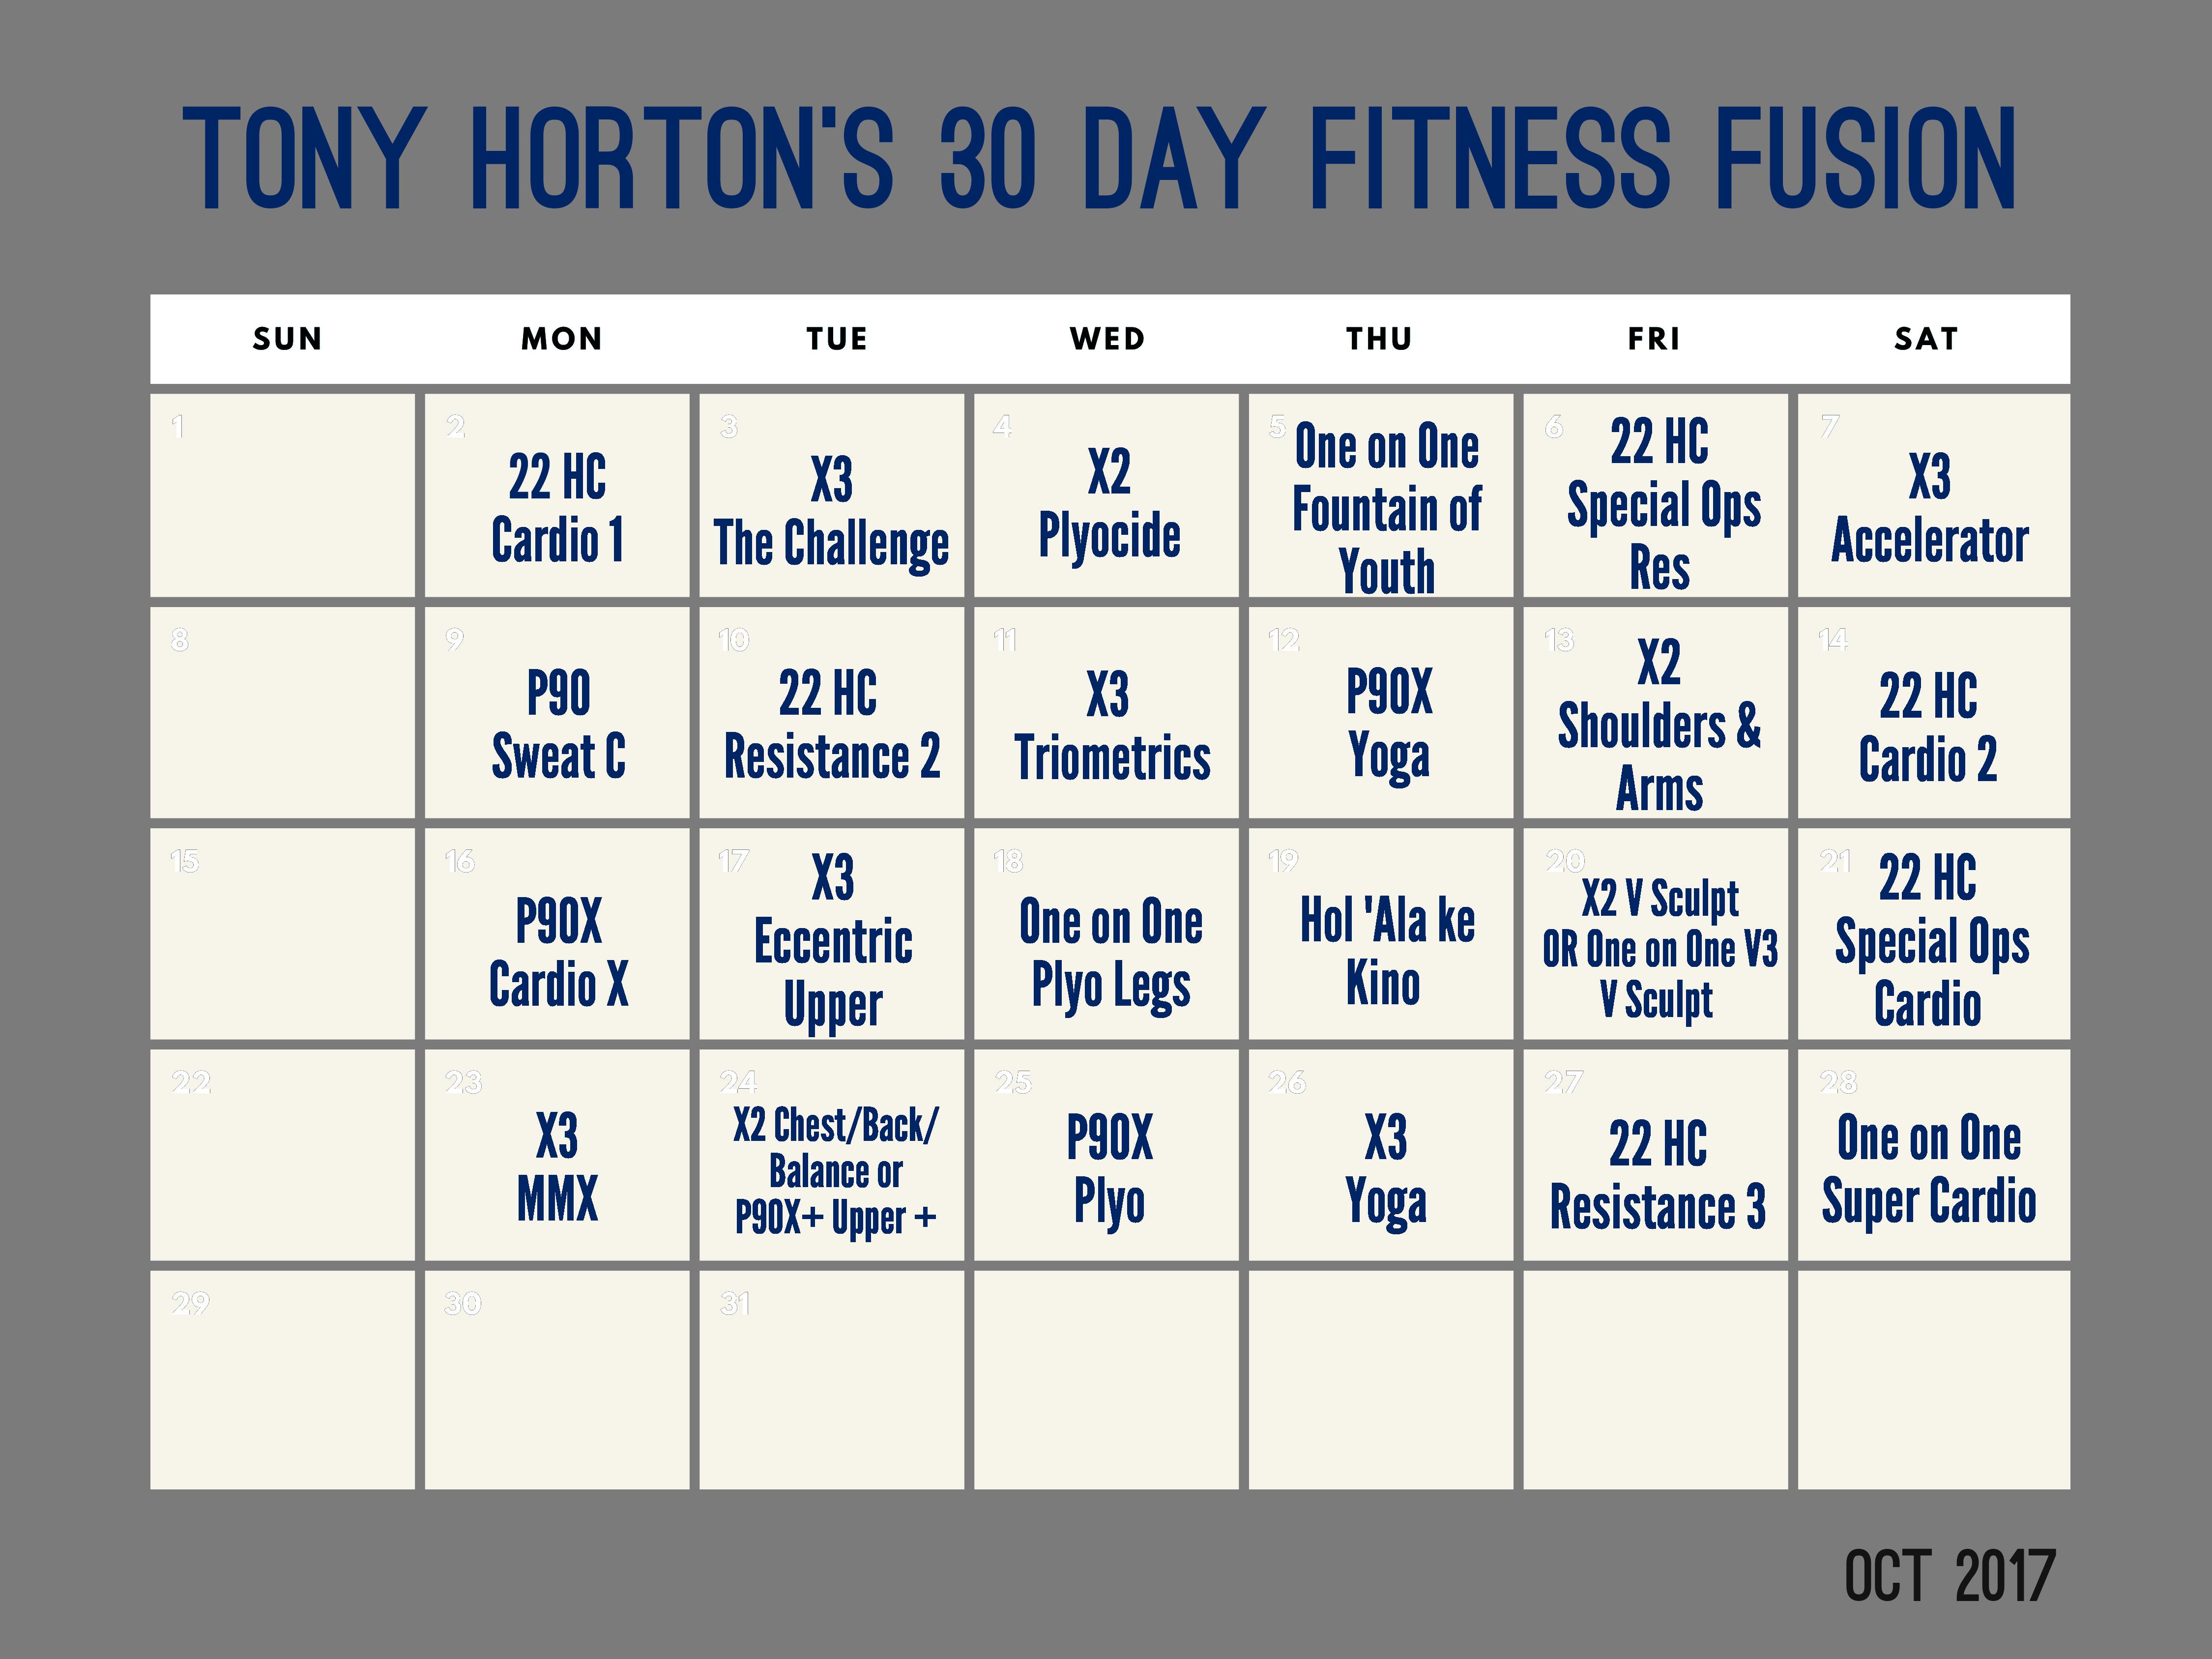 Tony Horton's 30 Day Fitness Fusion - teamRIPPED